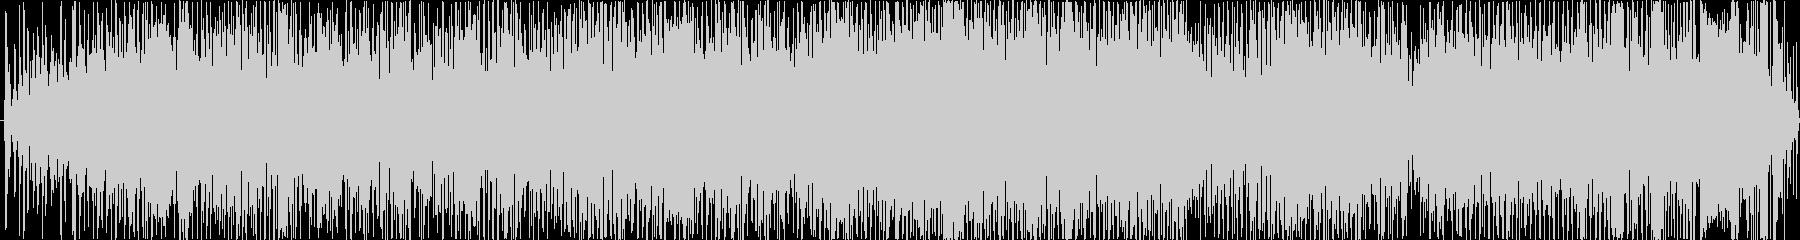 多くの有名なブルースのリフに似ていますの未再生の波形